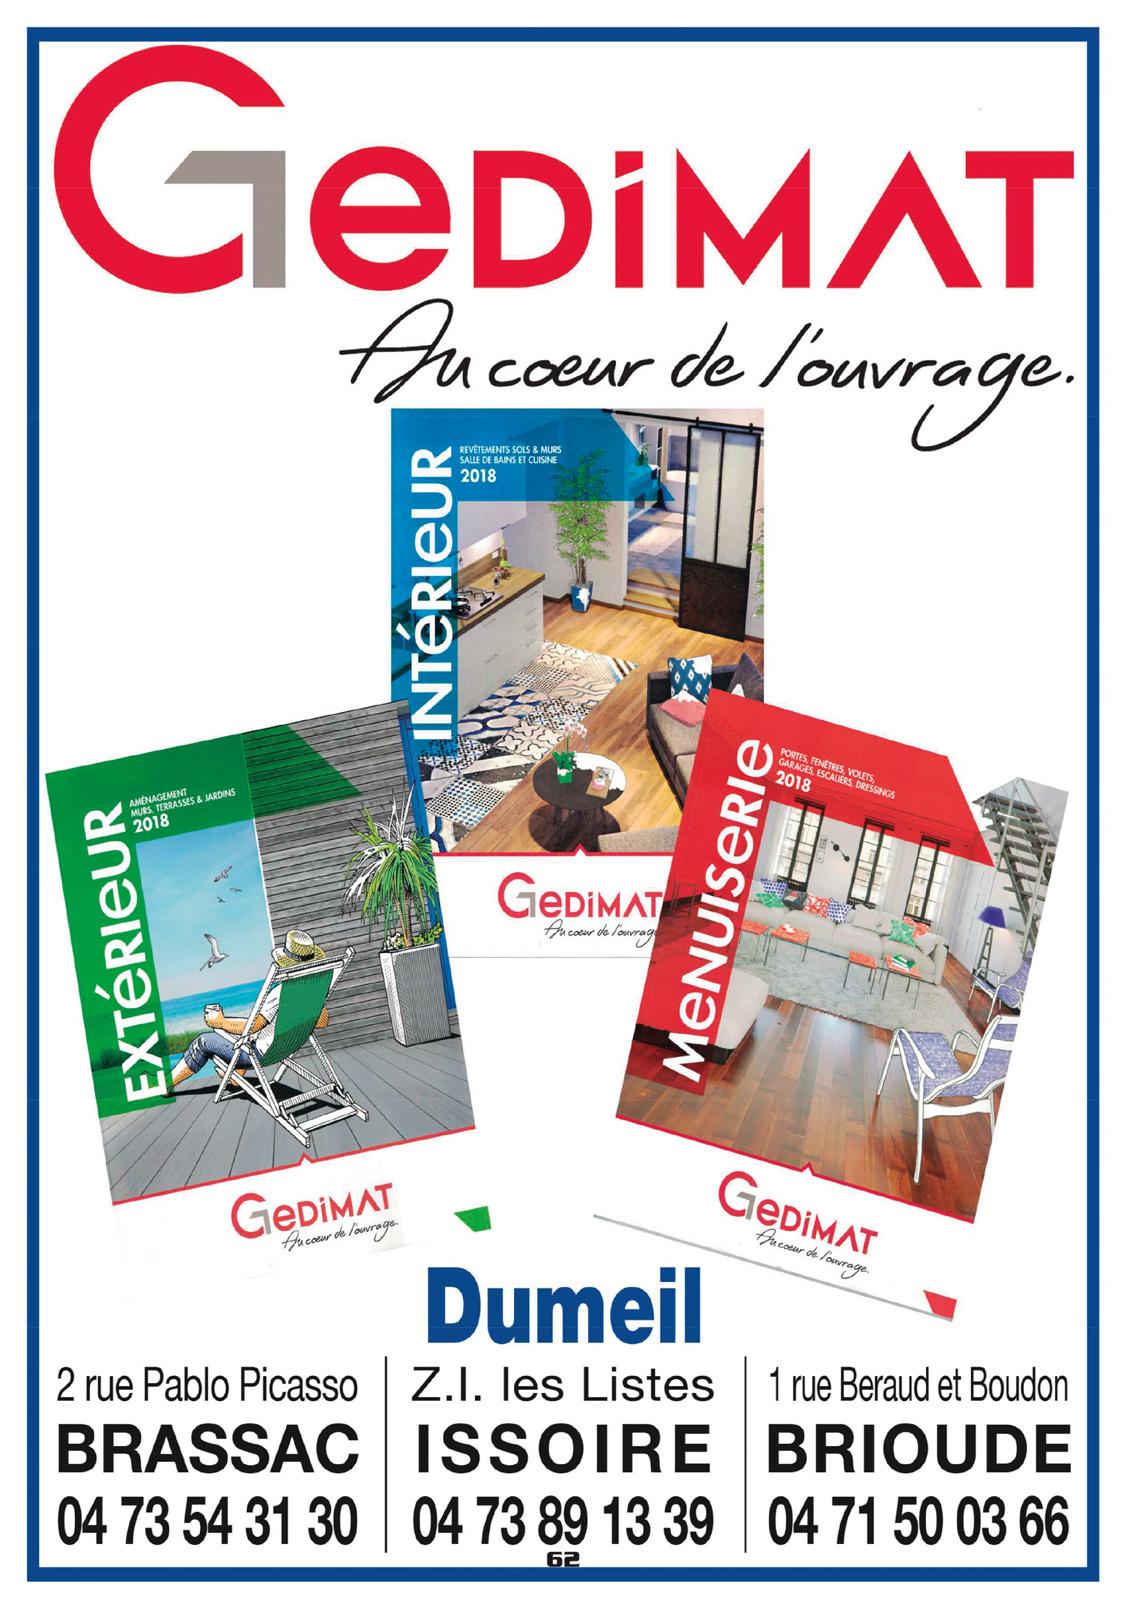 logo GEDIMAT - Dumeil